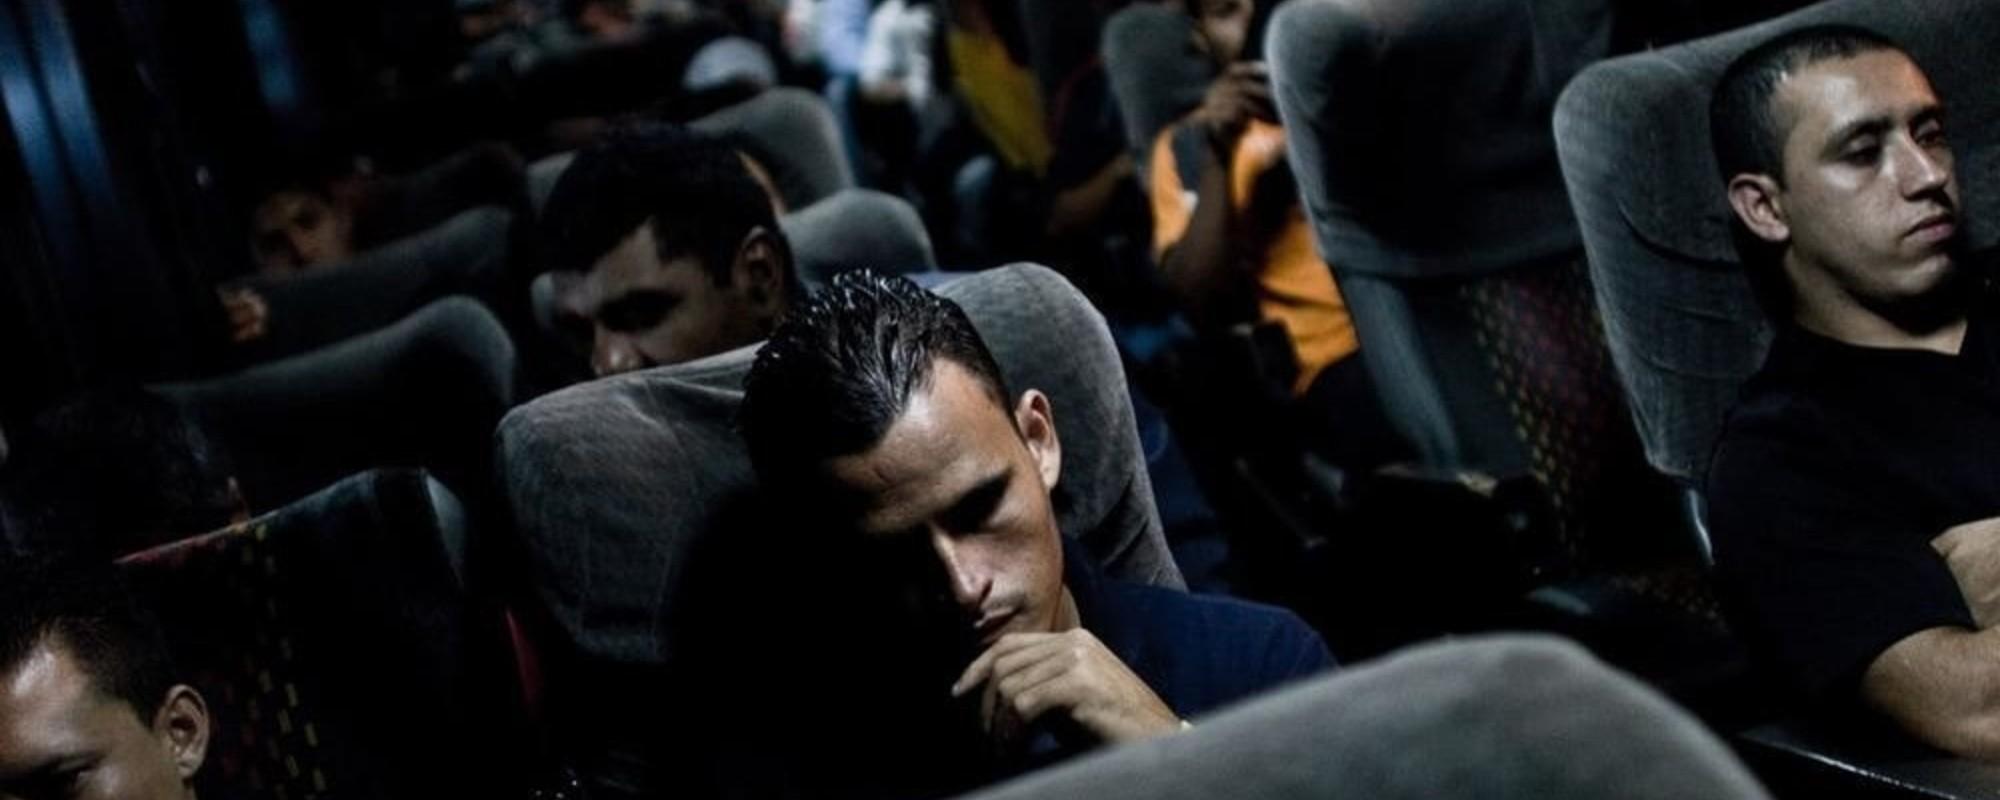 El exilio y la violencia en las fotos de Mauricio Palos